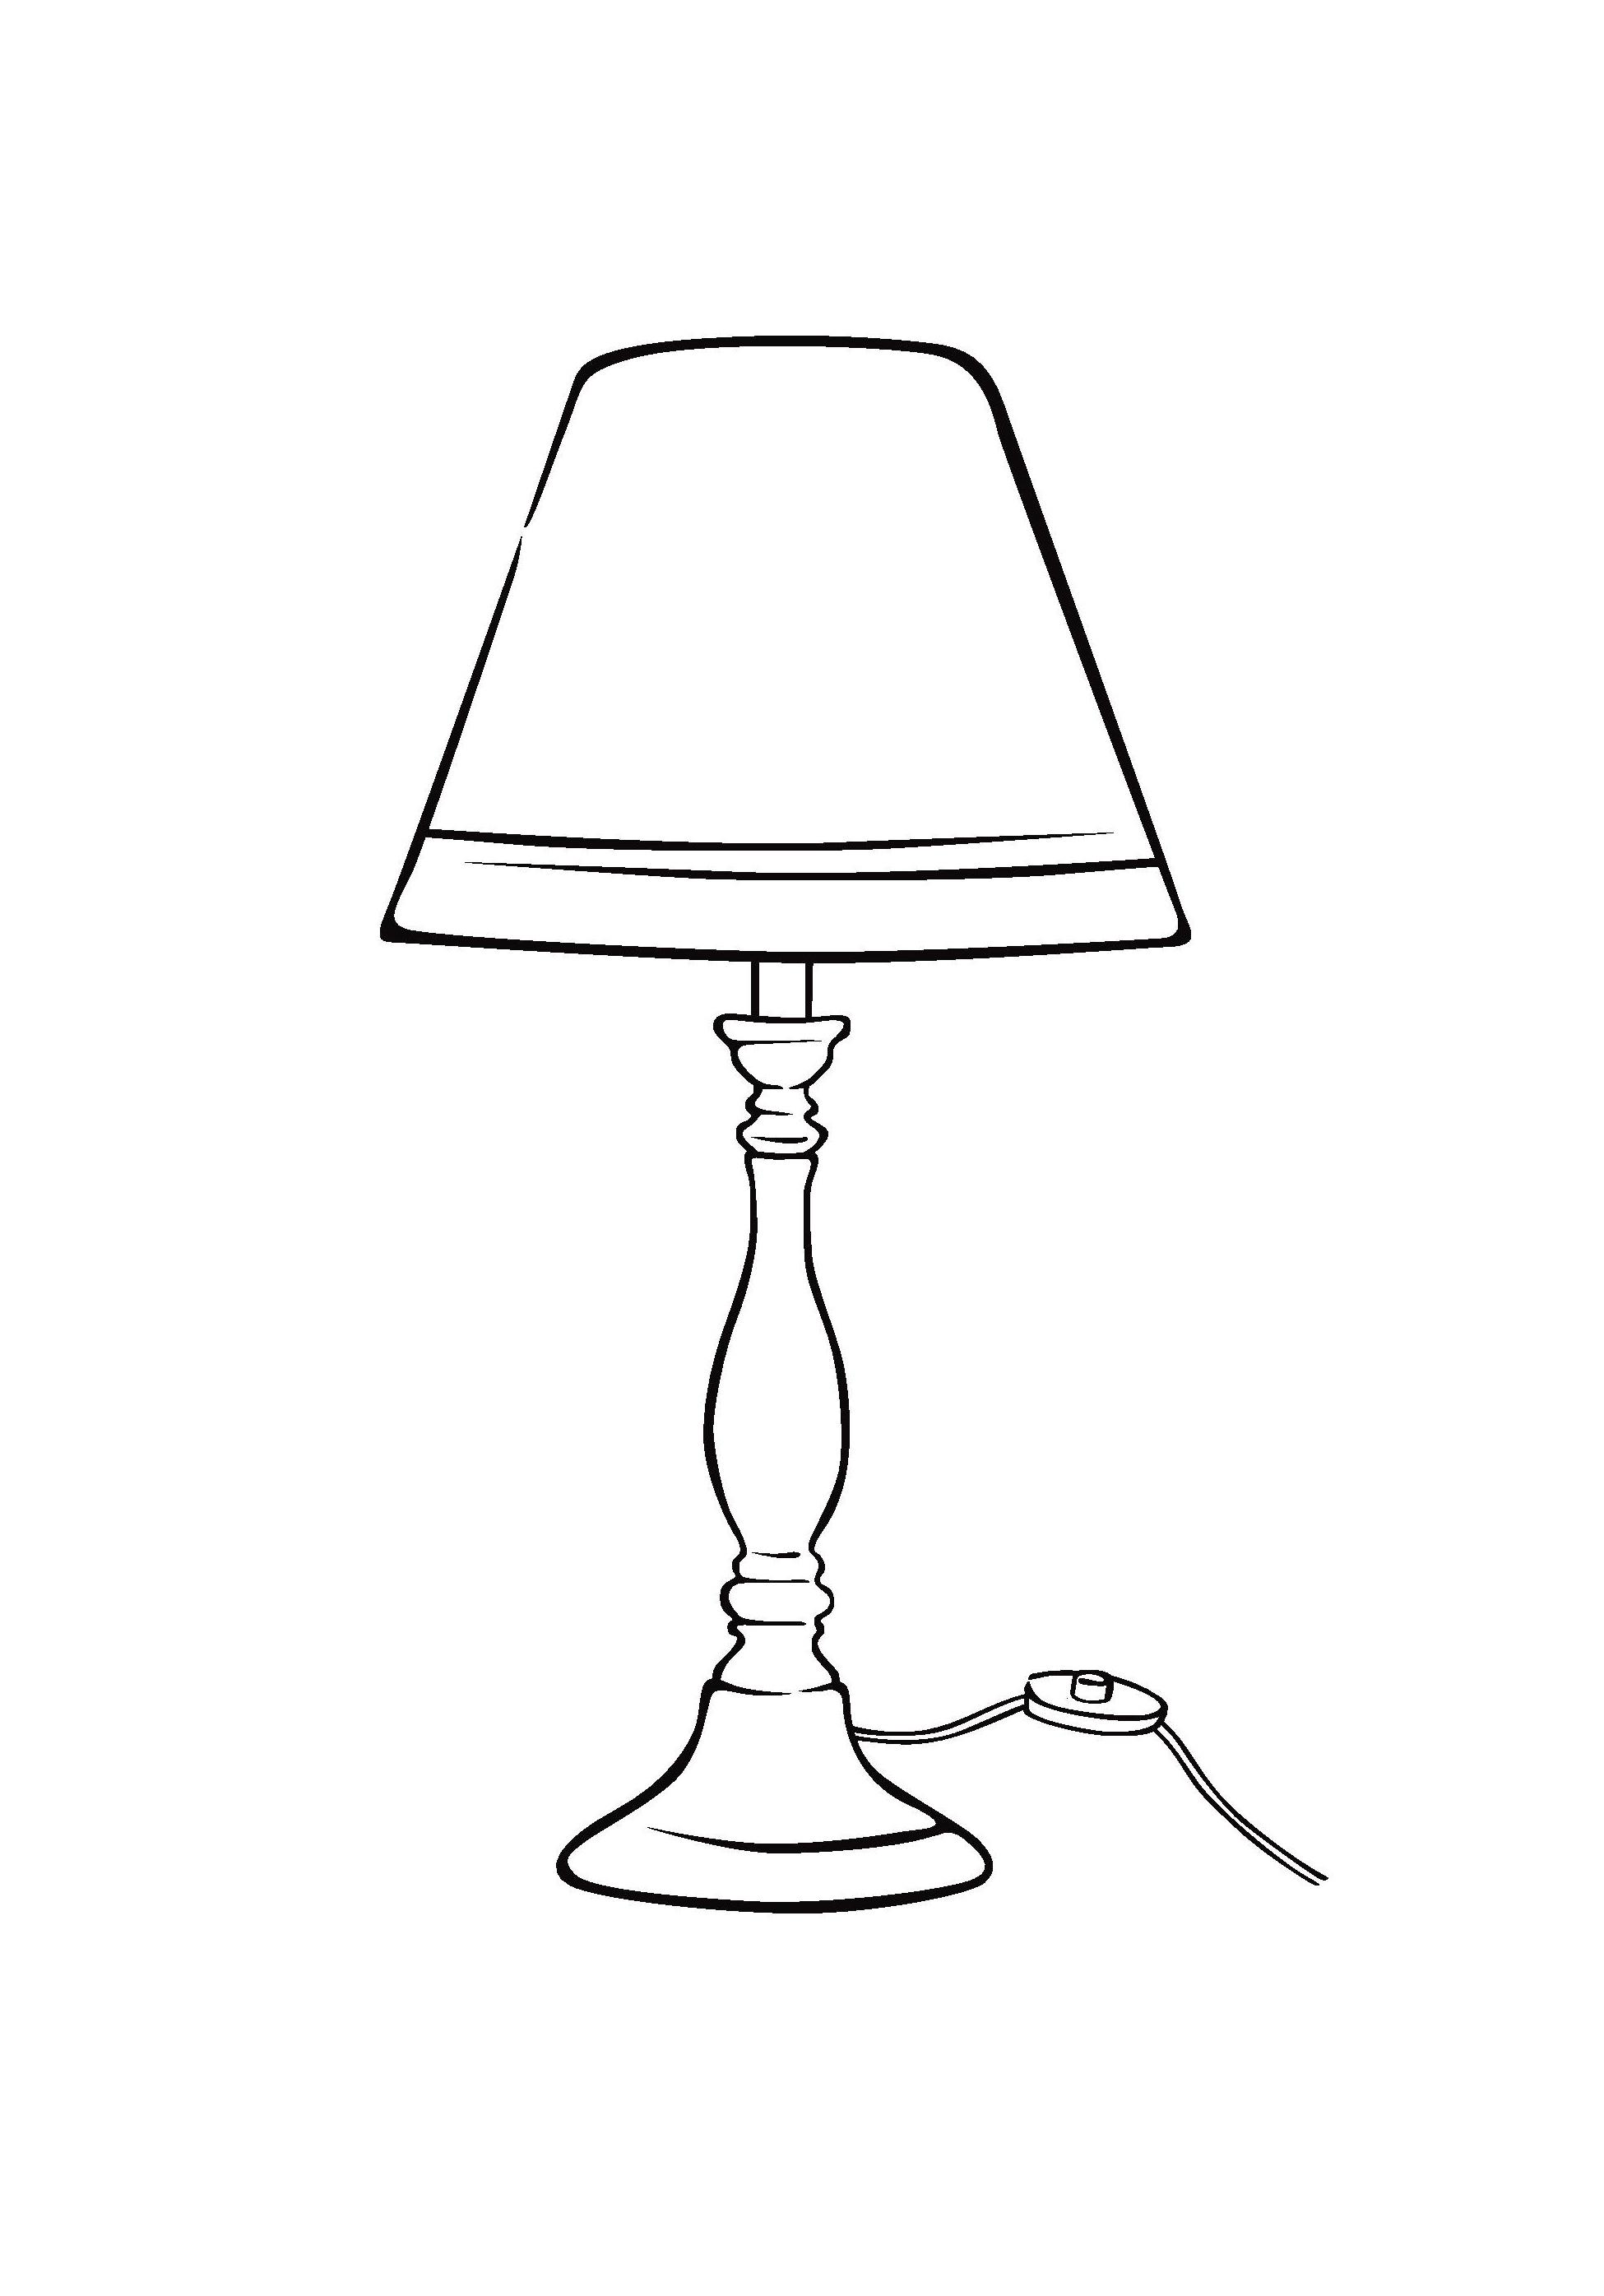 Раскраска Лампа распечатать или скачать бесплатно